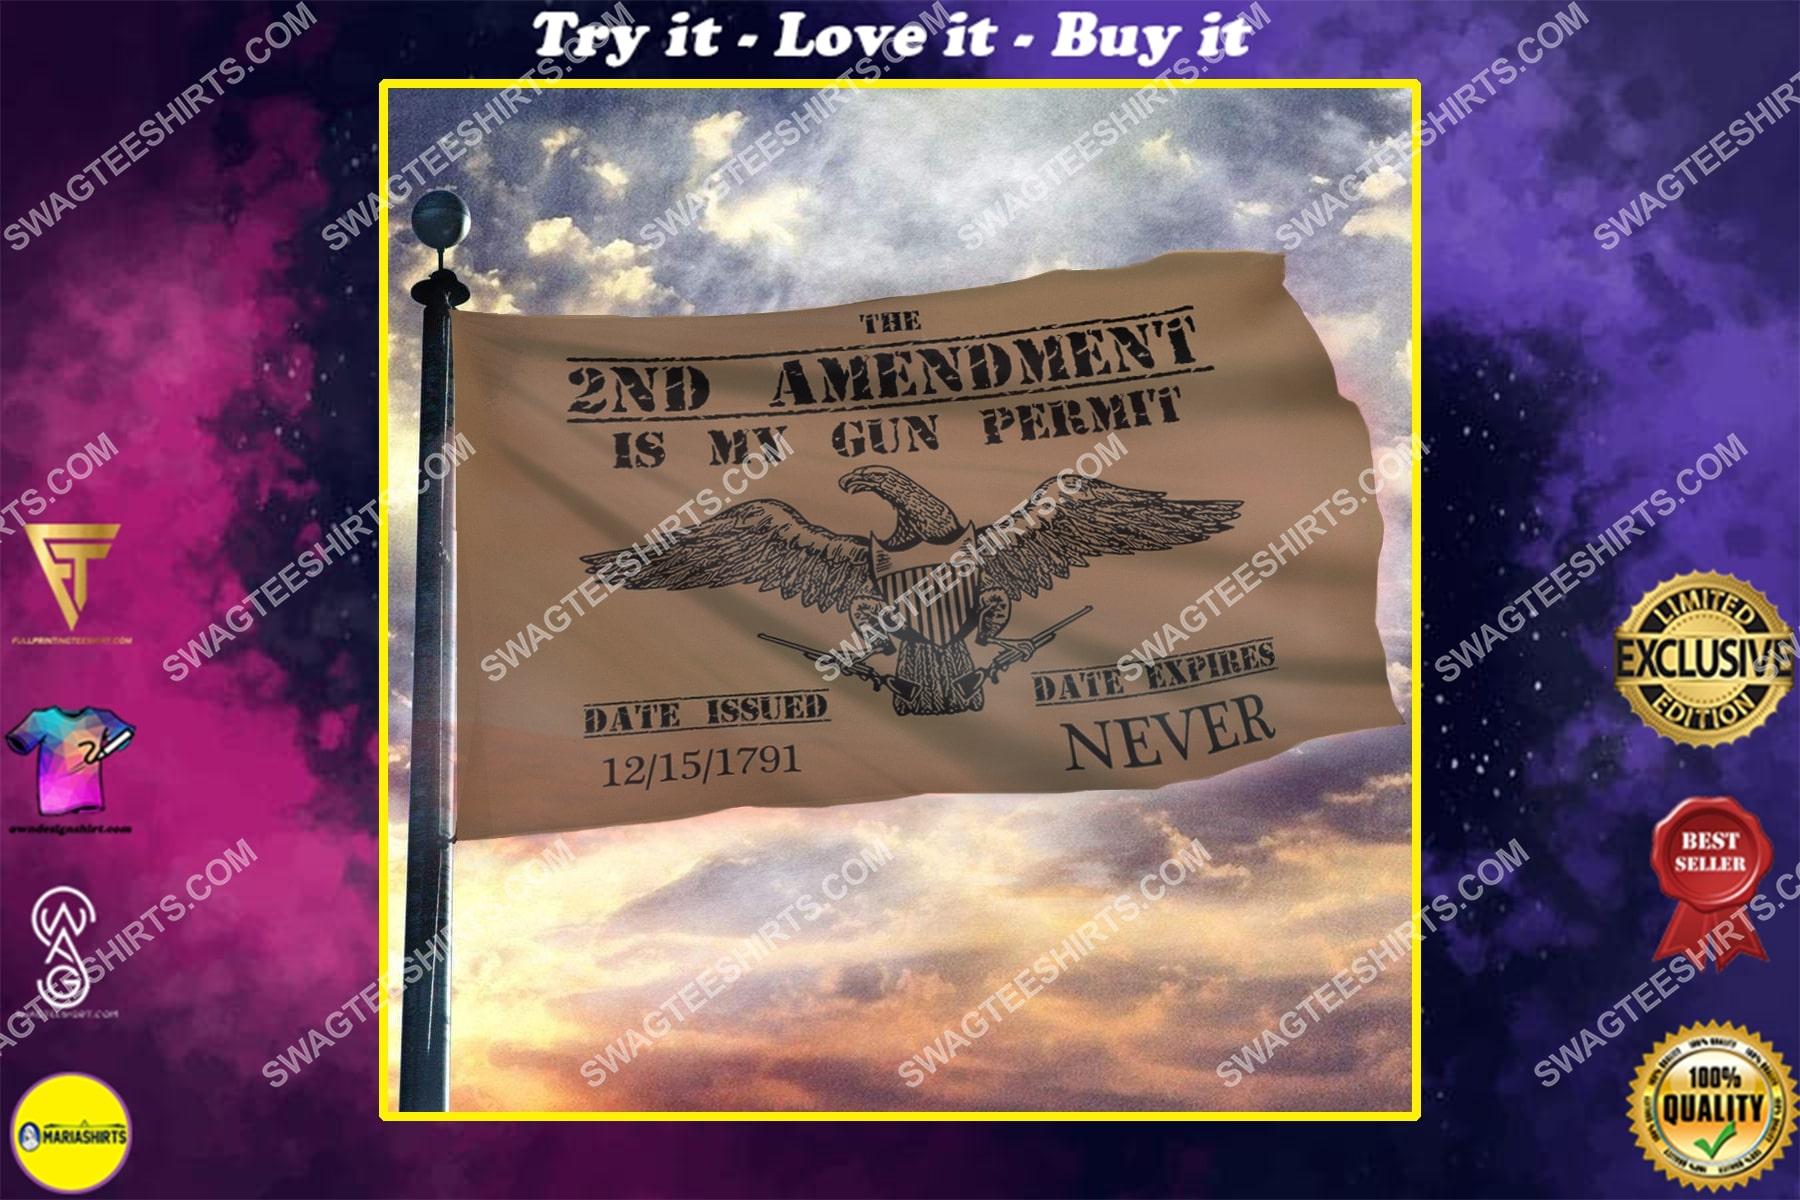 2nd amendment is my gun permit second amendment patriotic politics flag